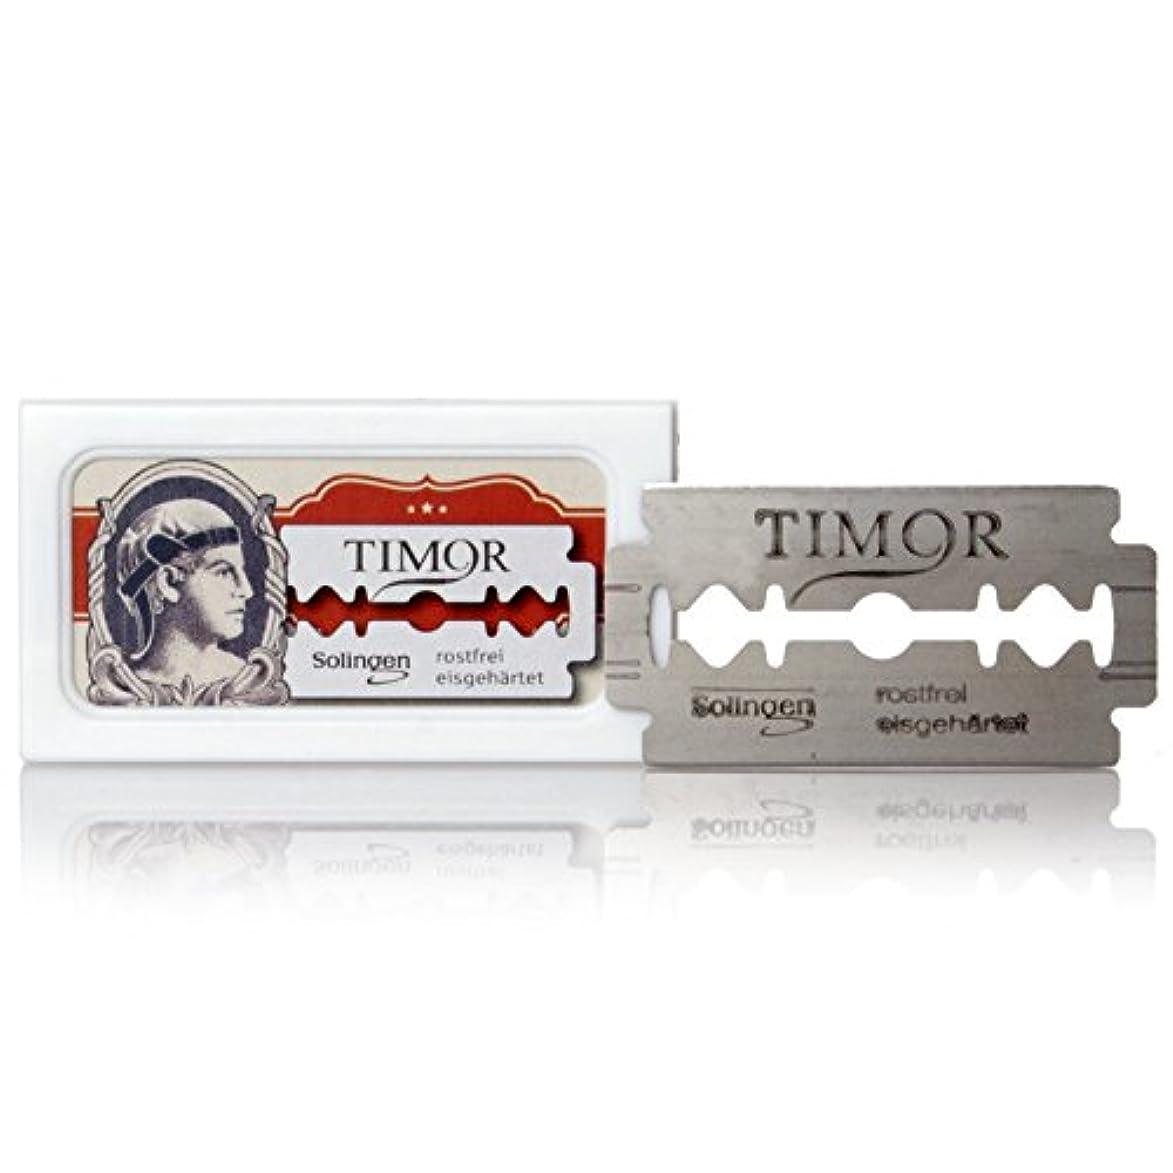 回転させる不一致うれしいTimor - razor blades, stainless, 10 pieces